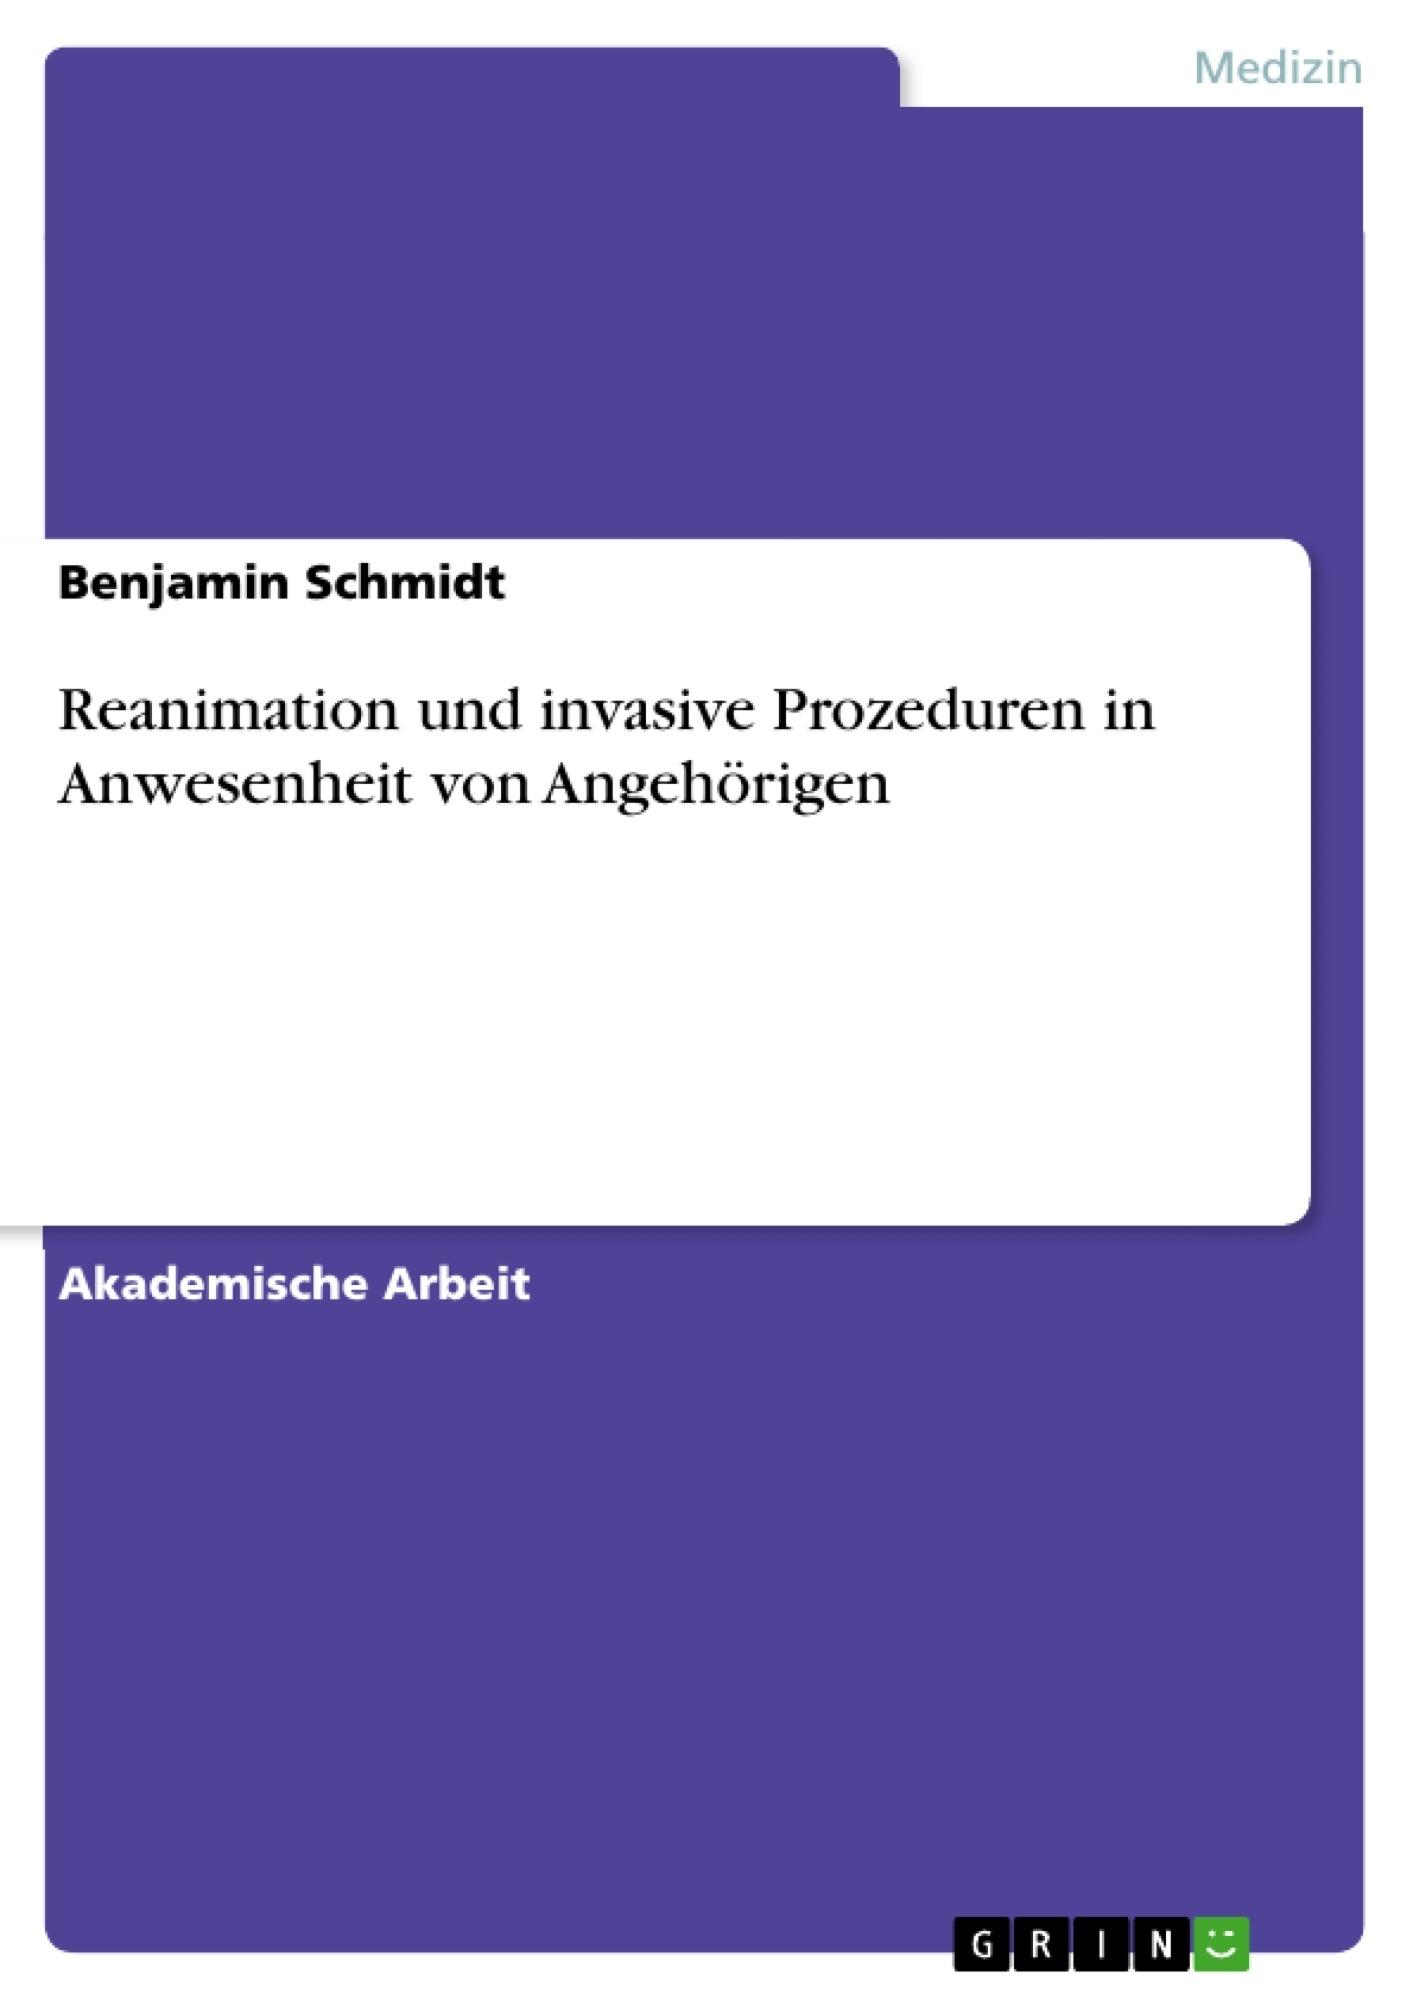 Titel: Reanimation und invasive Prozeduren in Anwesenheit von Angehörigen